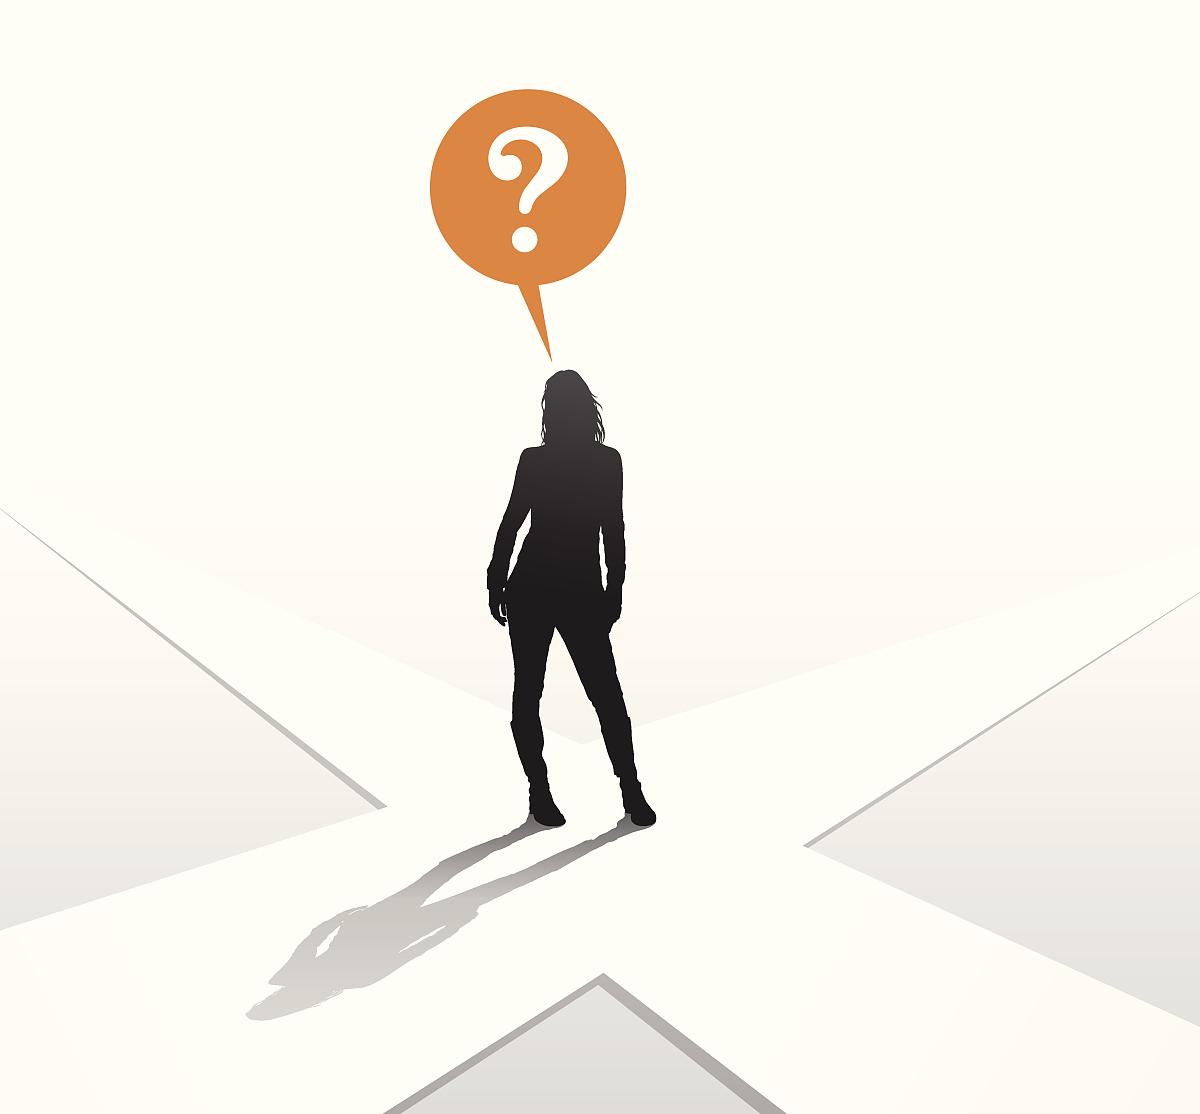 思考,决定,解决,策略,路,黑白图片,方向,剪影,路口,对话气泡框,问号图片